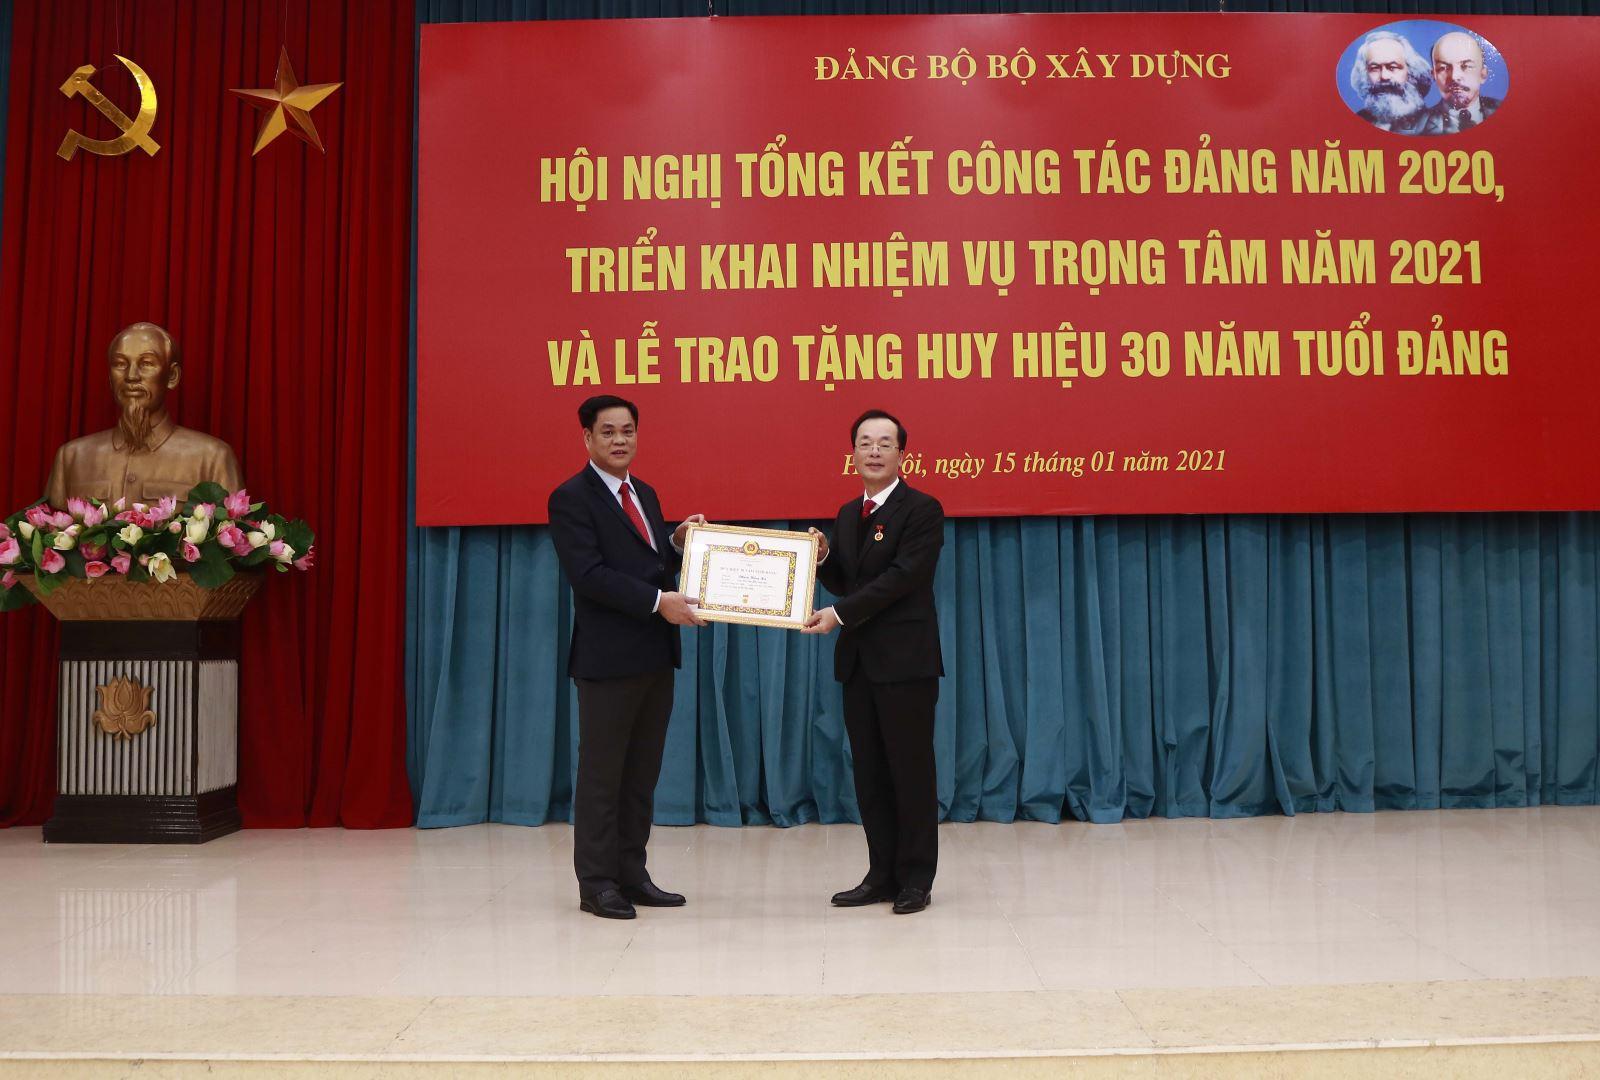 Đồng chí Phạm Hồng Hà - Bộ trưởng Bộ Xây dựng vinh dự đón nhận Huy hiệu 30 năm tuổi đảng do Bí thư Đảng ủy Khối các cơ quan Trung ương Huỳnh Tấn Việt trao tặng